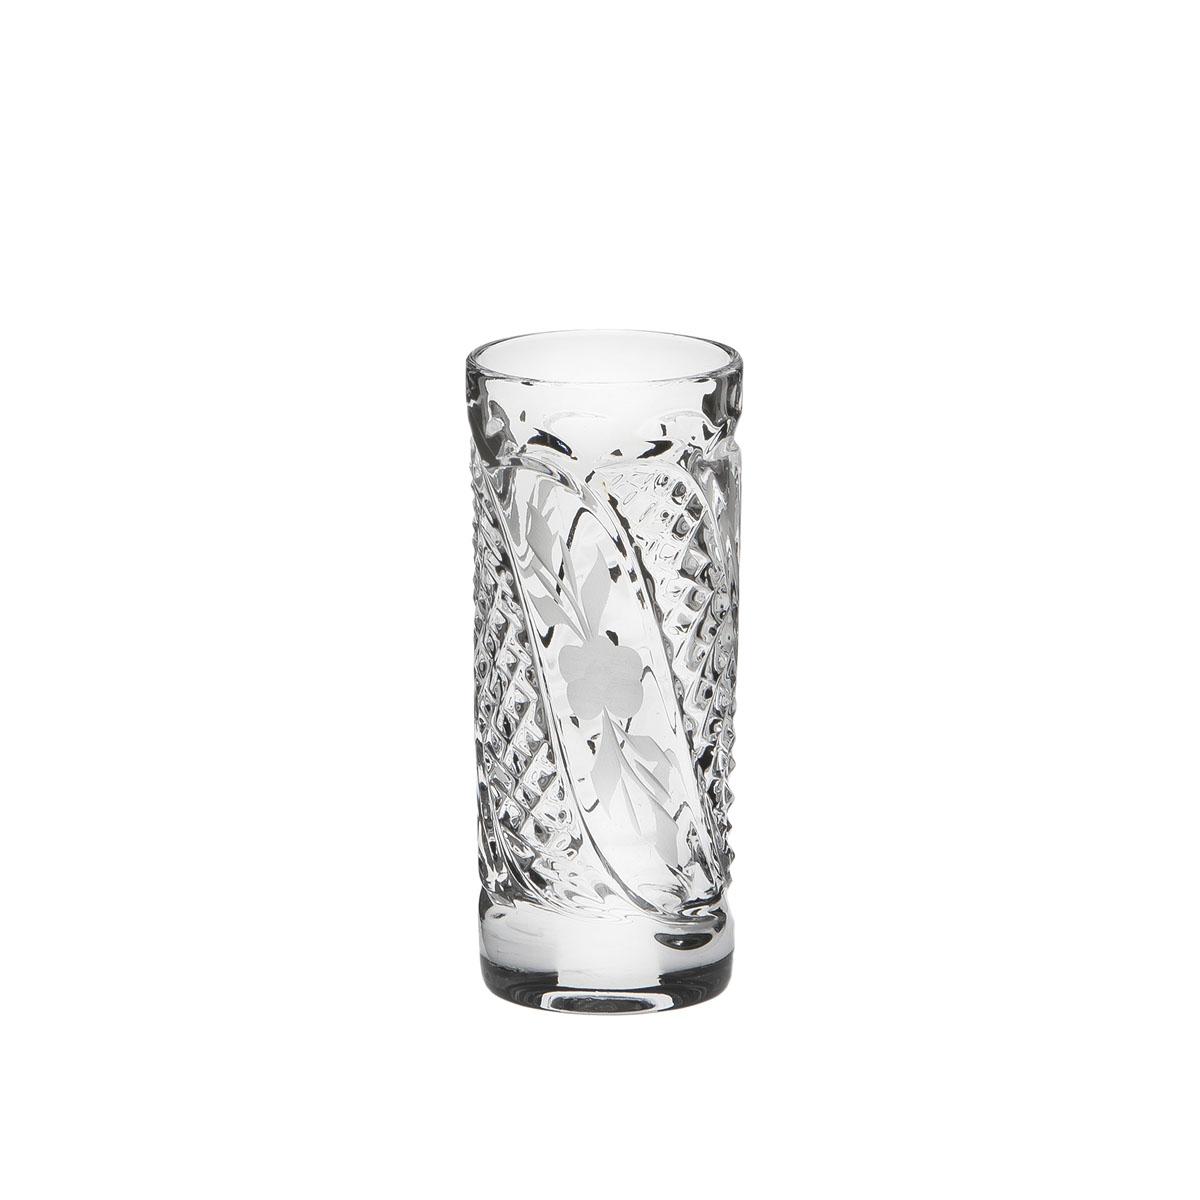 Стакан Дятьковский хрусталь Грация, 50 мл. С989/2VT-1520(SR)Хрустальные стаканы – красивое и простое решение для украшения праздничного стола. Стаканы из хрусталя универсальны, они подойдут и для алкогольных напитков – вина, шампанского, и для освежающих – минеральной воды, компота или сока. Если в вашей домашней коллекции еще нет предметов хрустальной посуды, купить хрустальные стаканы стоит обязательно.